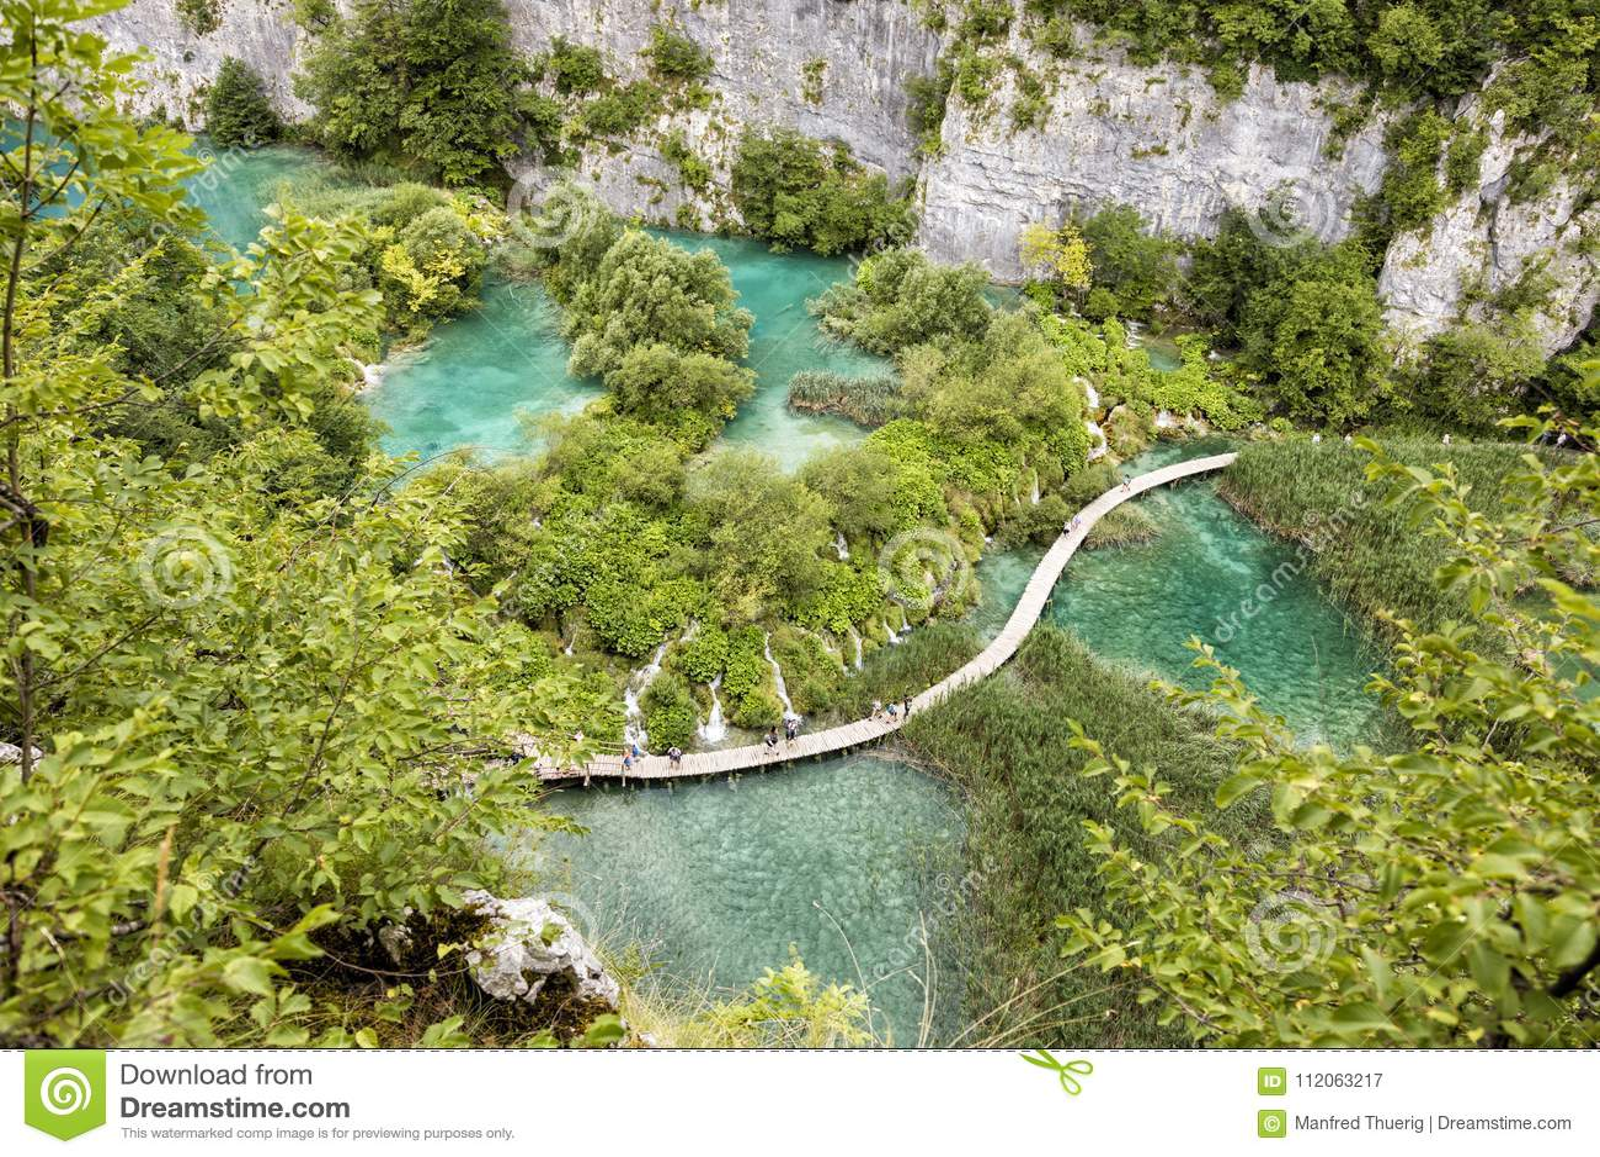 Plitvice, Kroatië, 13 Juli 2017: Adembenemende mening van de vallei met vele watervallen in Plitvice